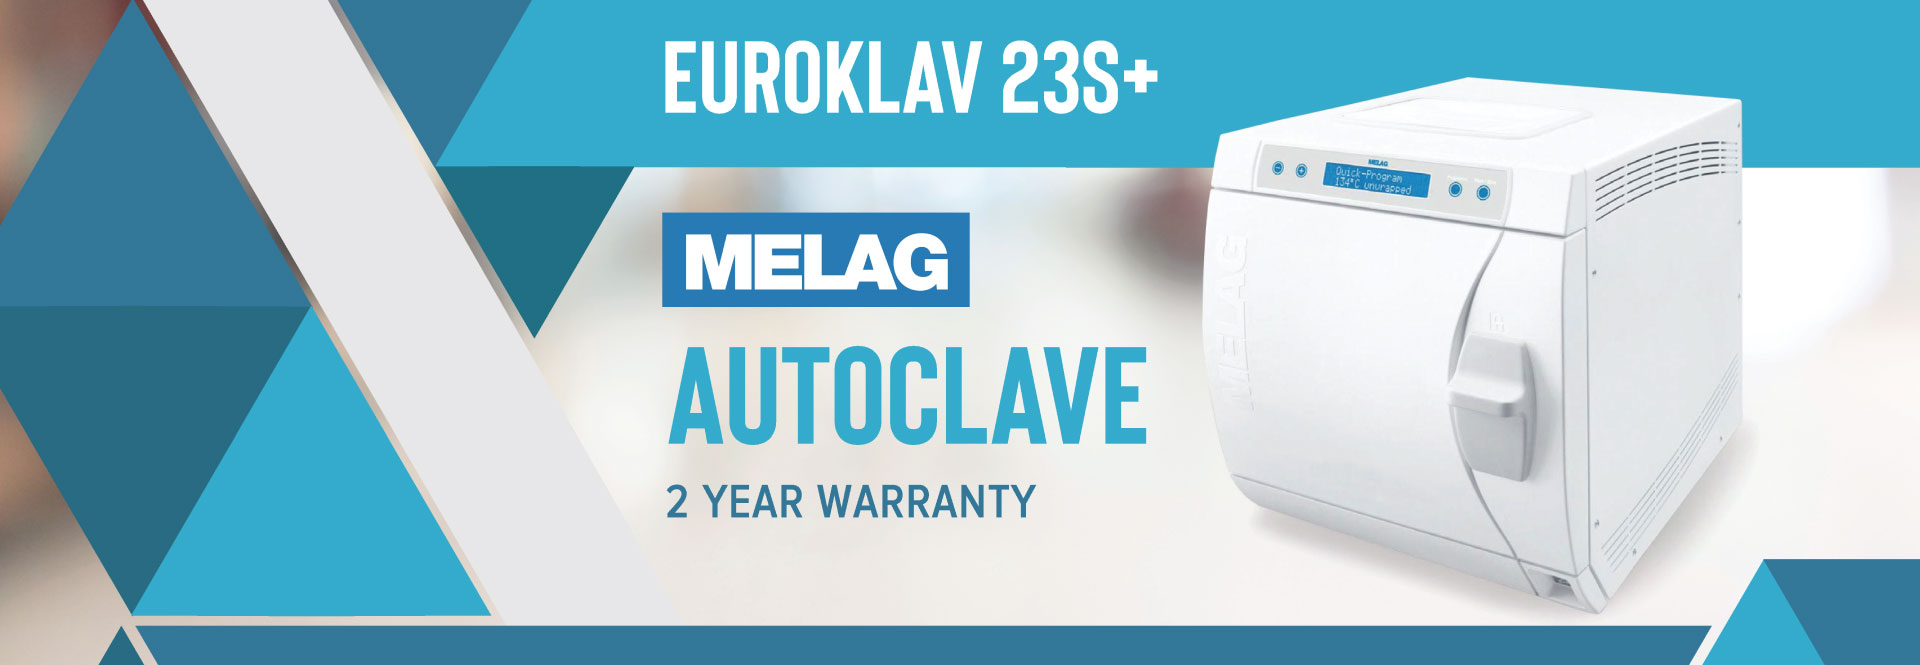 MElag Autoclave